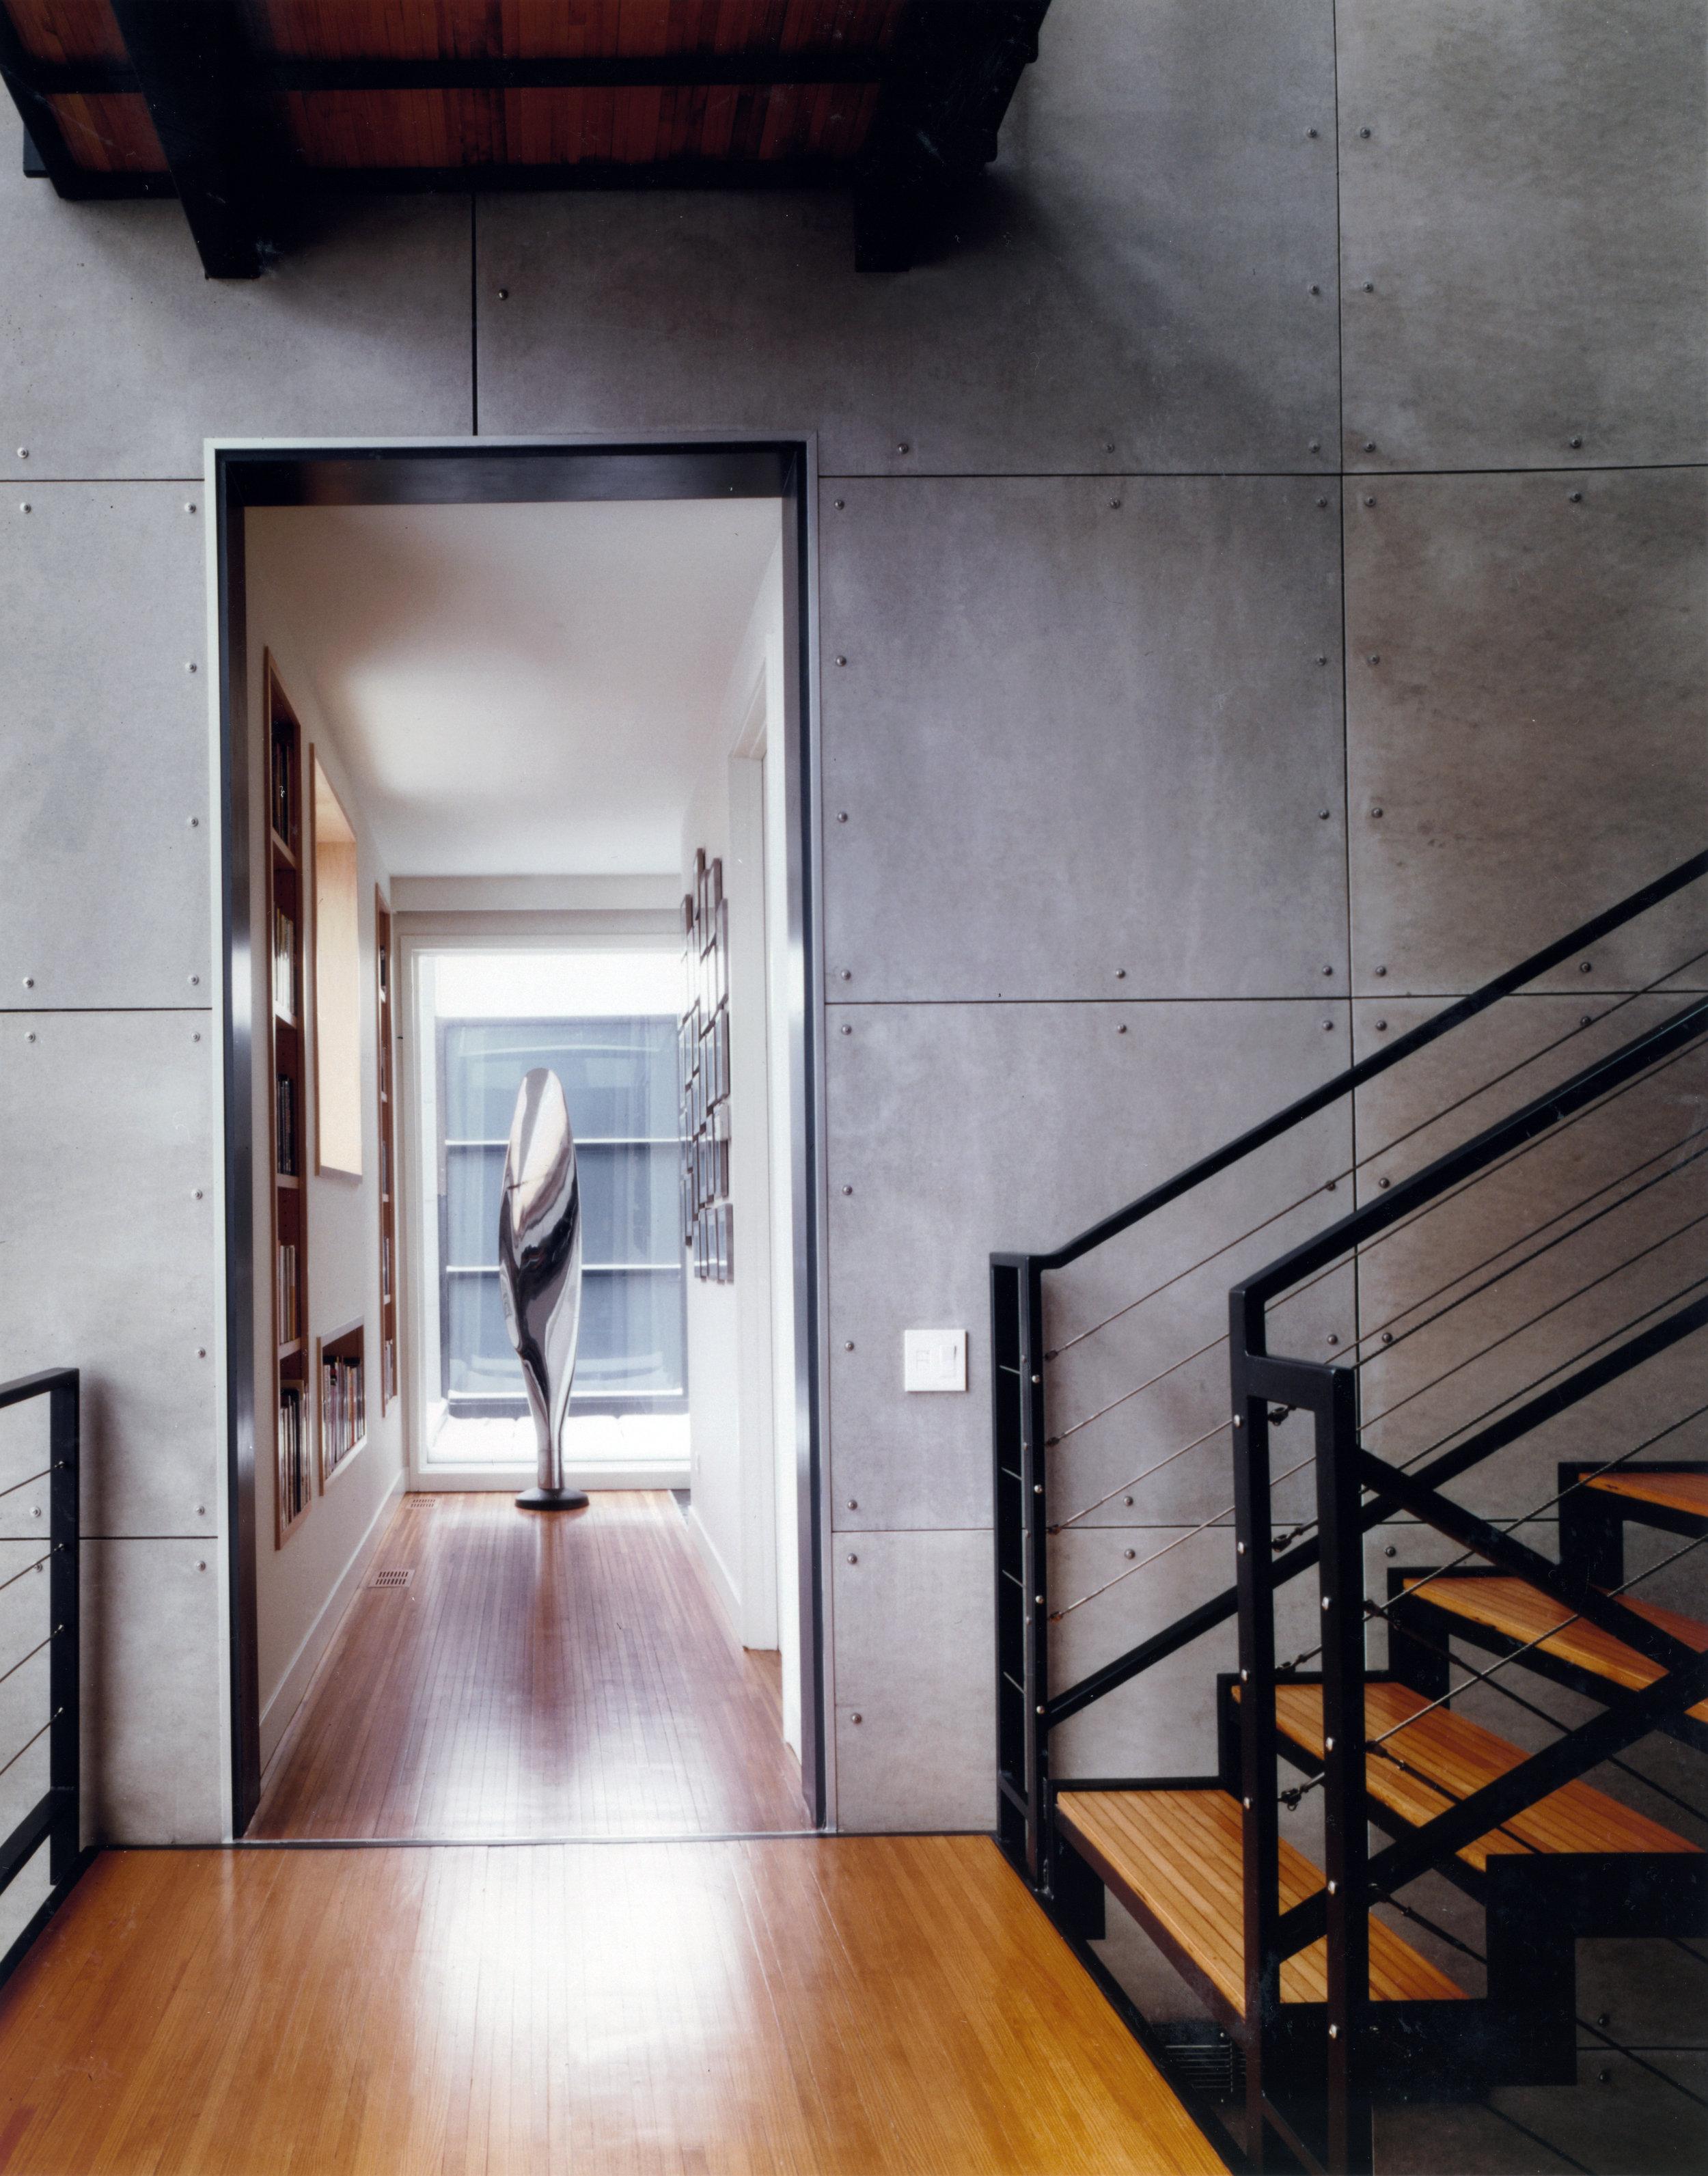 hallway-1_edit.jpg